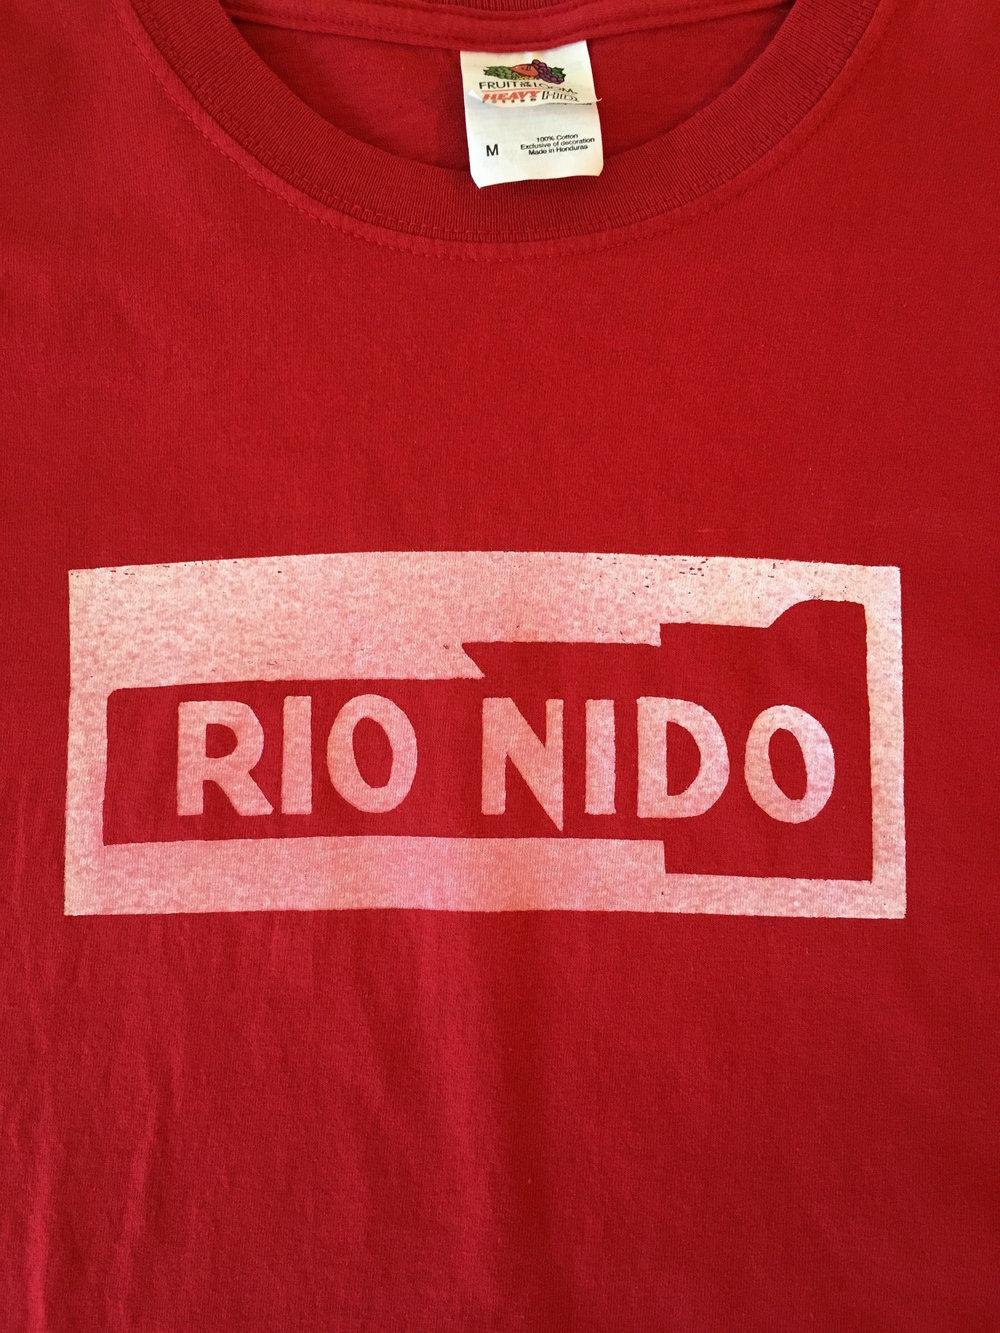 Rio Nido